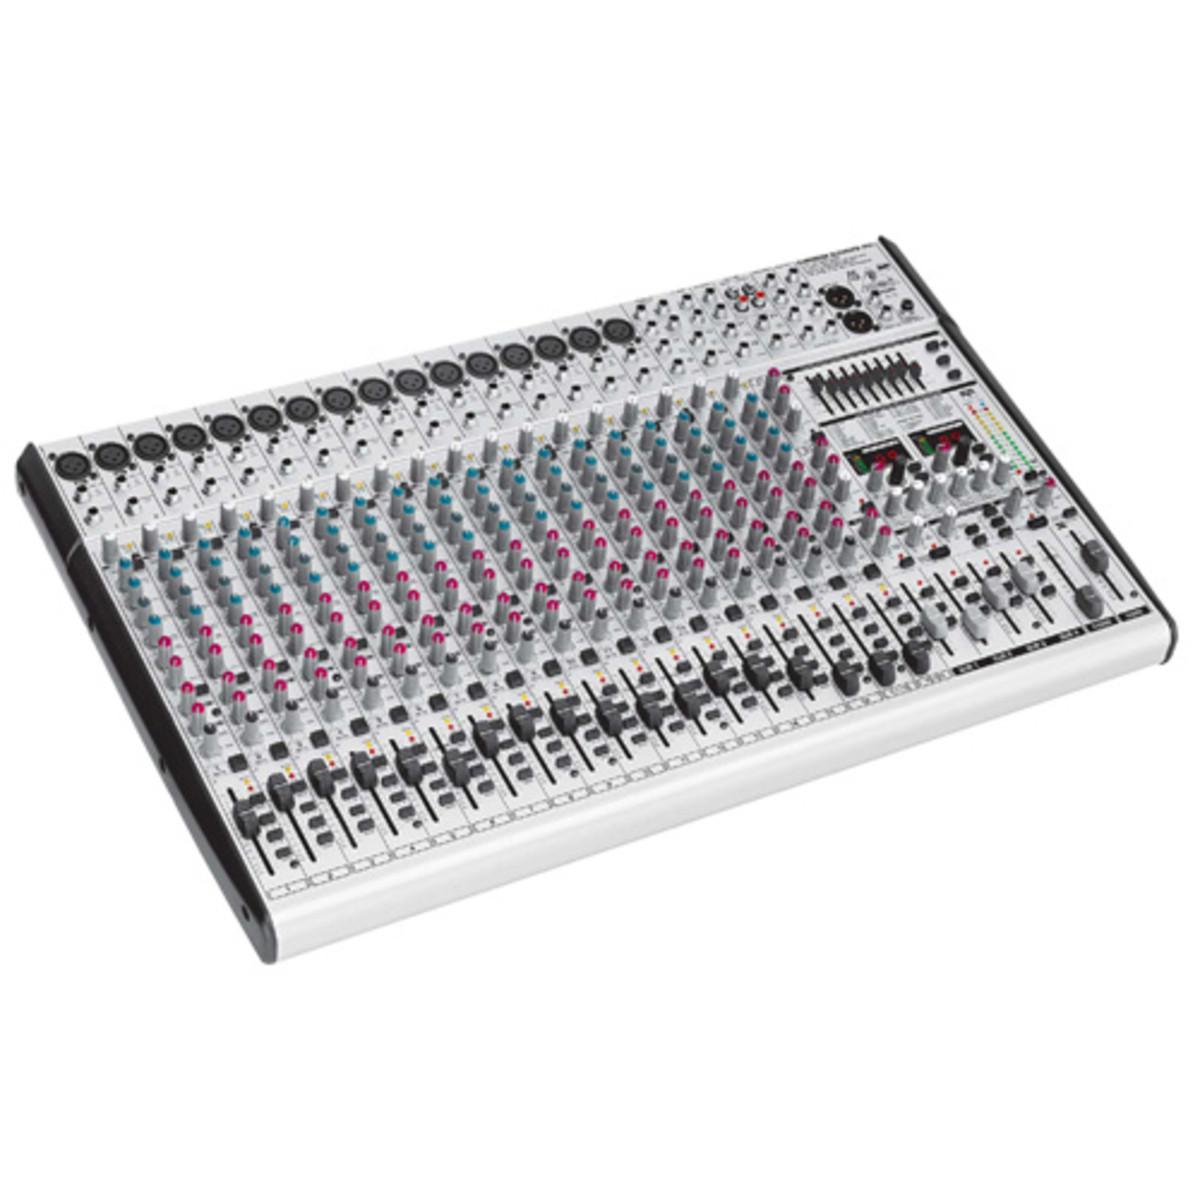 DISC Behringer SL2442FX Pro Eurodesk Mixer At Gear4music